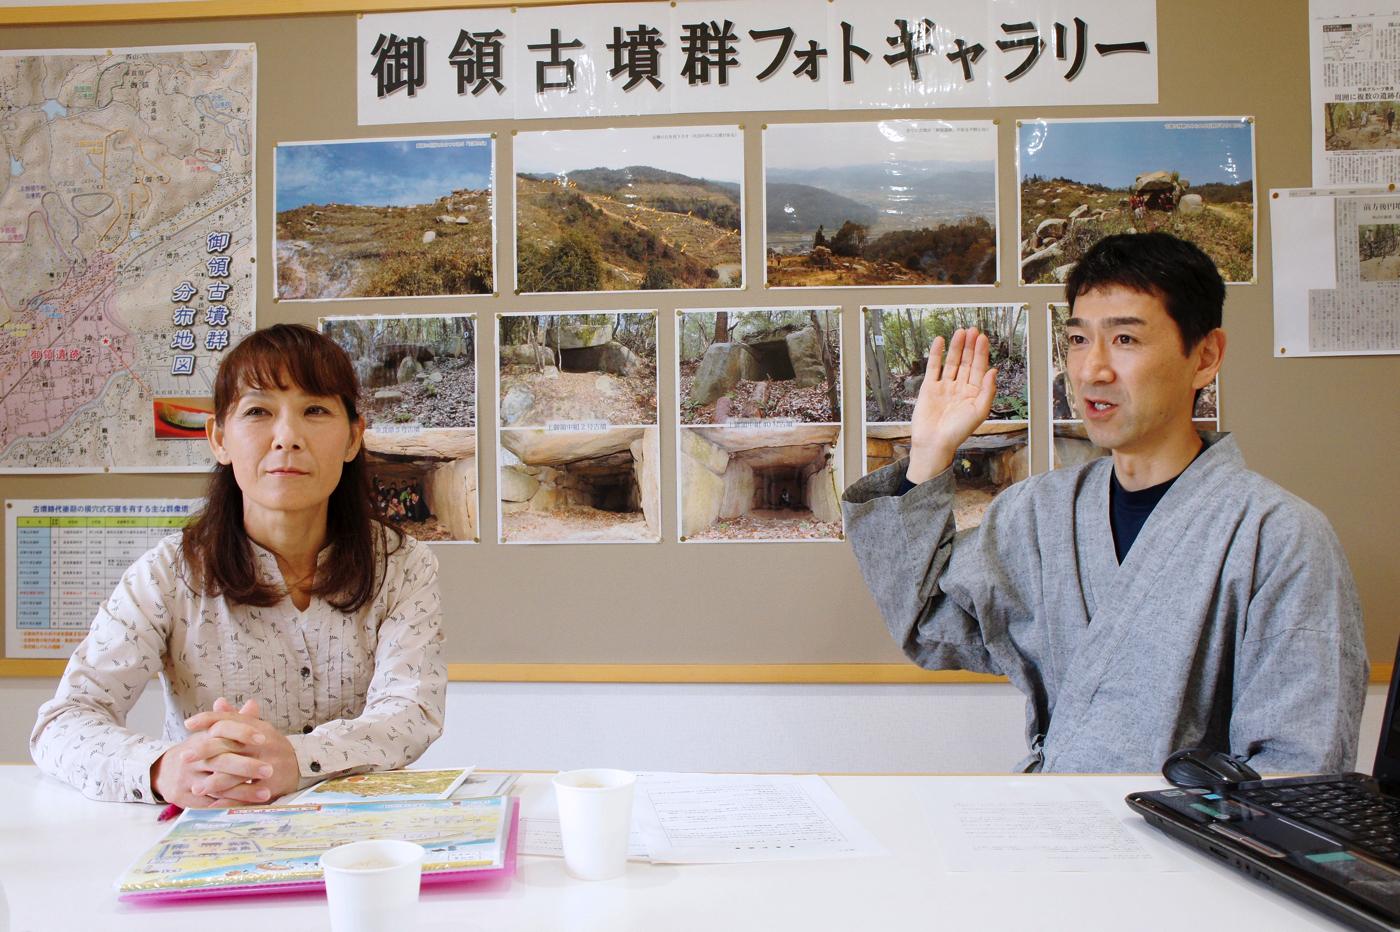 「御領の古代ロマンを蘇らせる会」代表の端本さん(左)と副代表の佐藤さん(右)。活動が楽しくて仕方ないとこの場所の魅力を溢れるように語ります